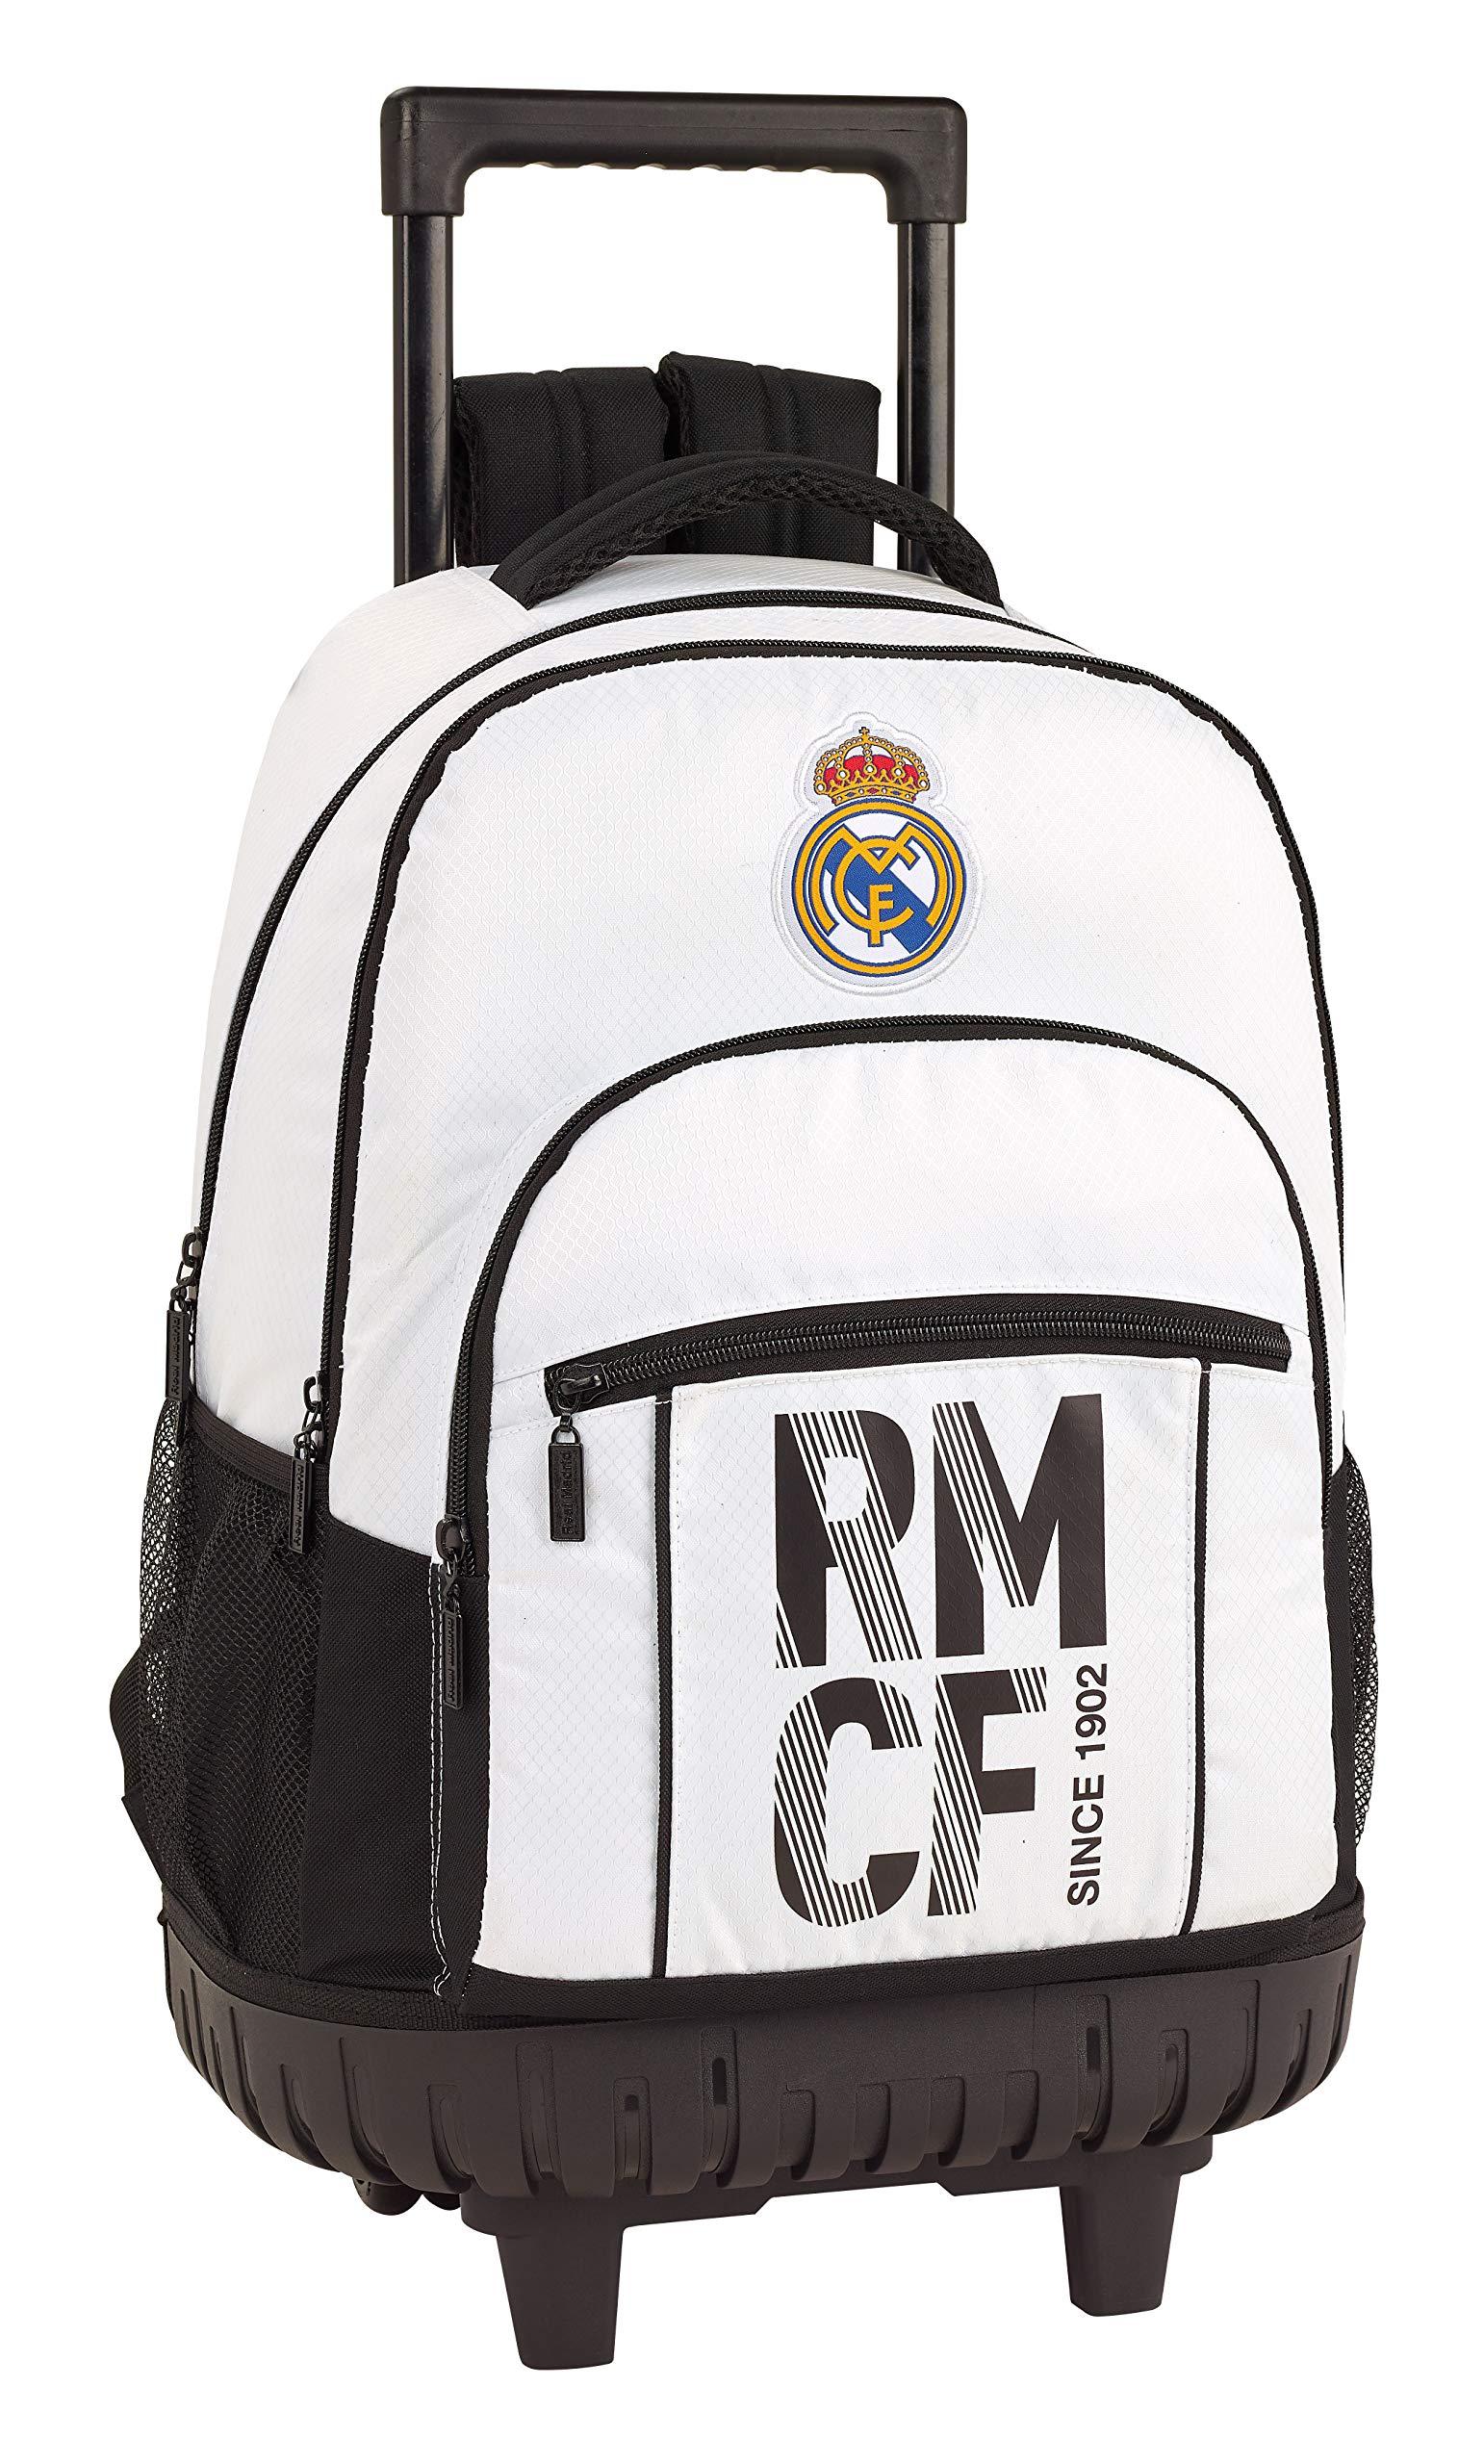 Online Cf Ruedas Carro Mochila Madrid Real FijoTrolleyMochilas Grande Con Escolares 8nX0wNOPkZ